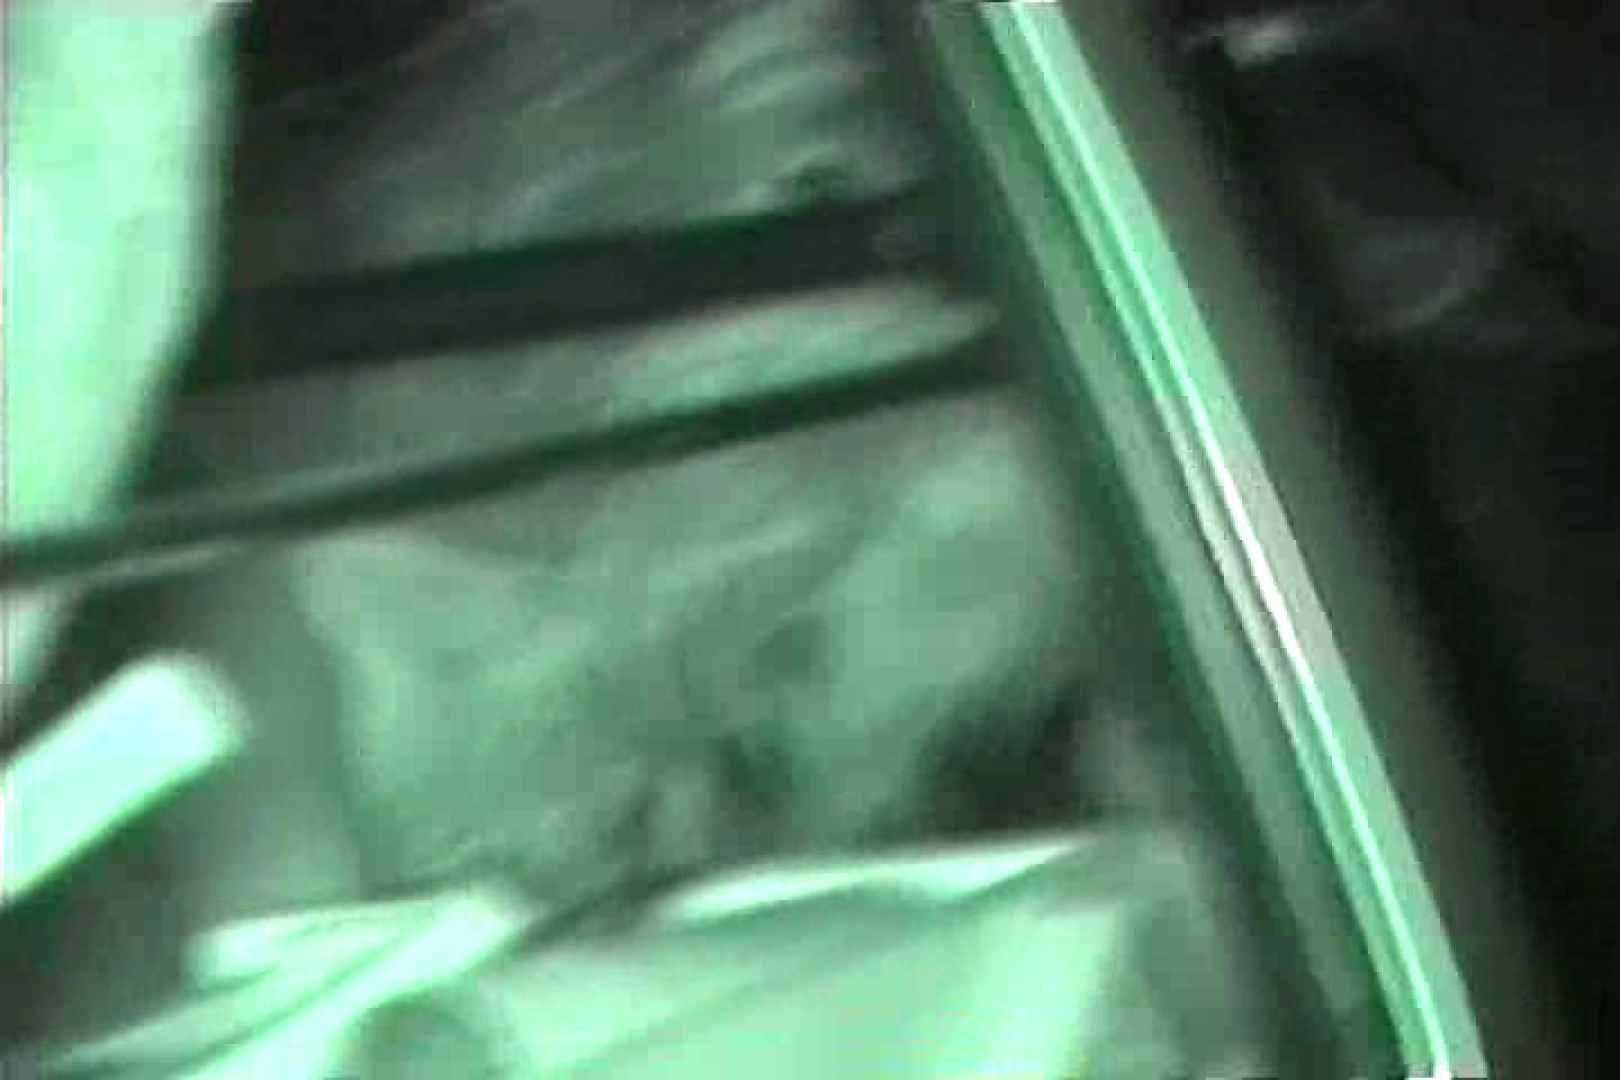 カーセックス未編集・無修正版 Vol.11 熟女丸裸 隠し撮りオマンコ動画紹介 97pic 4